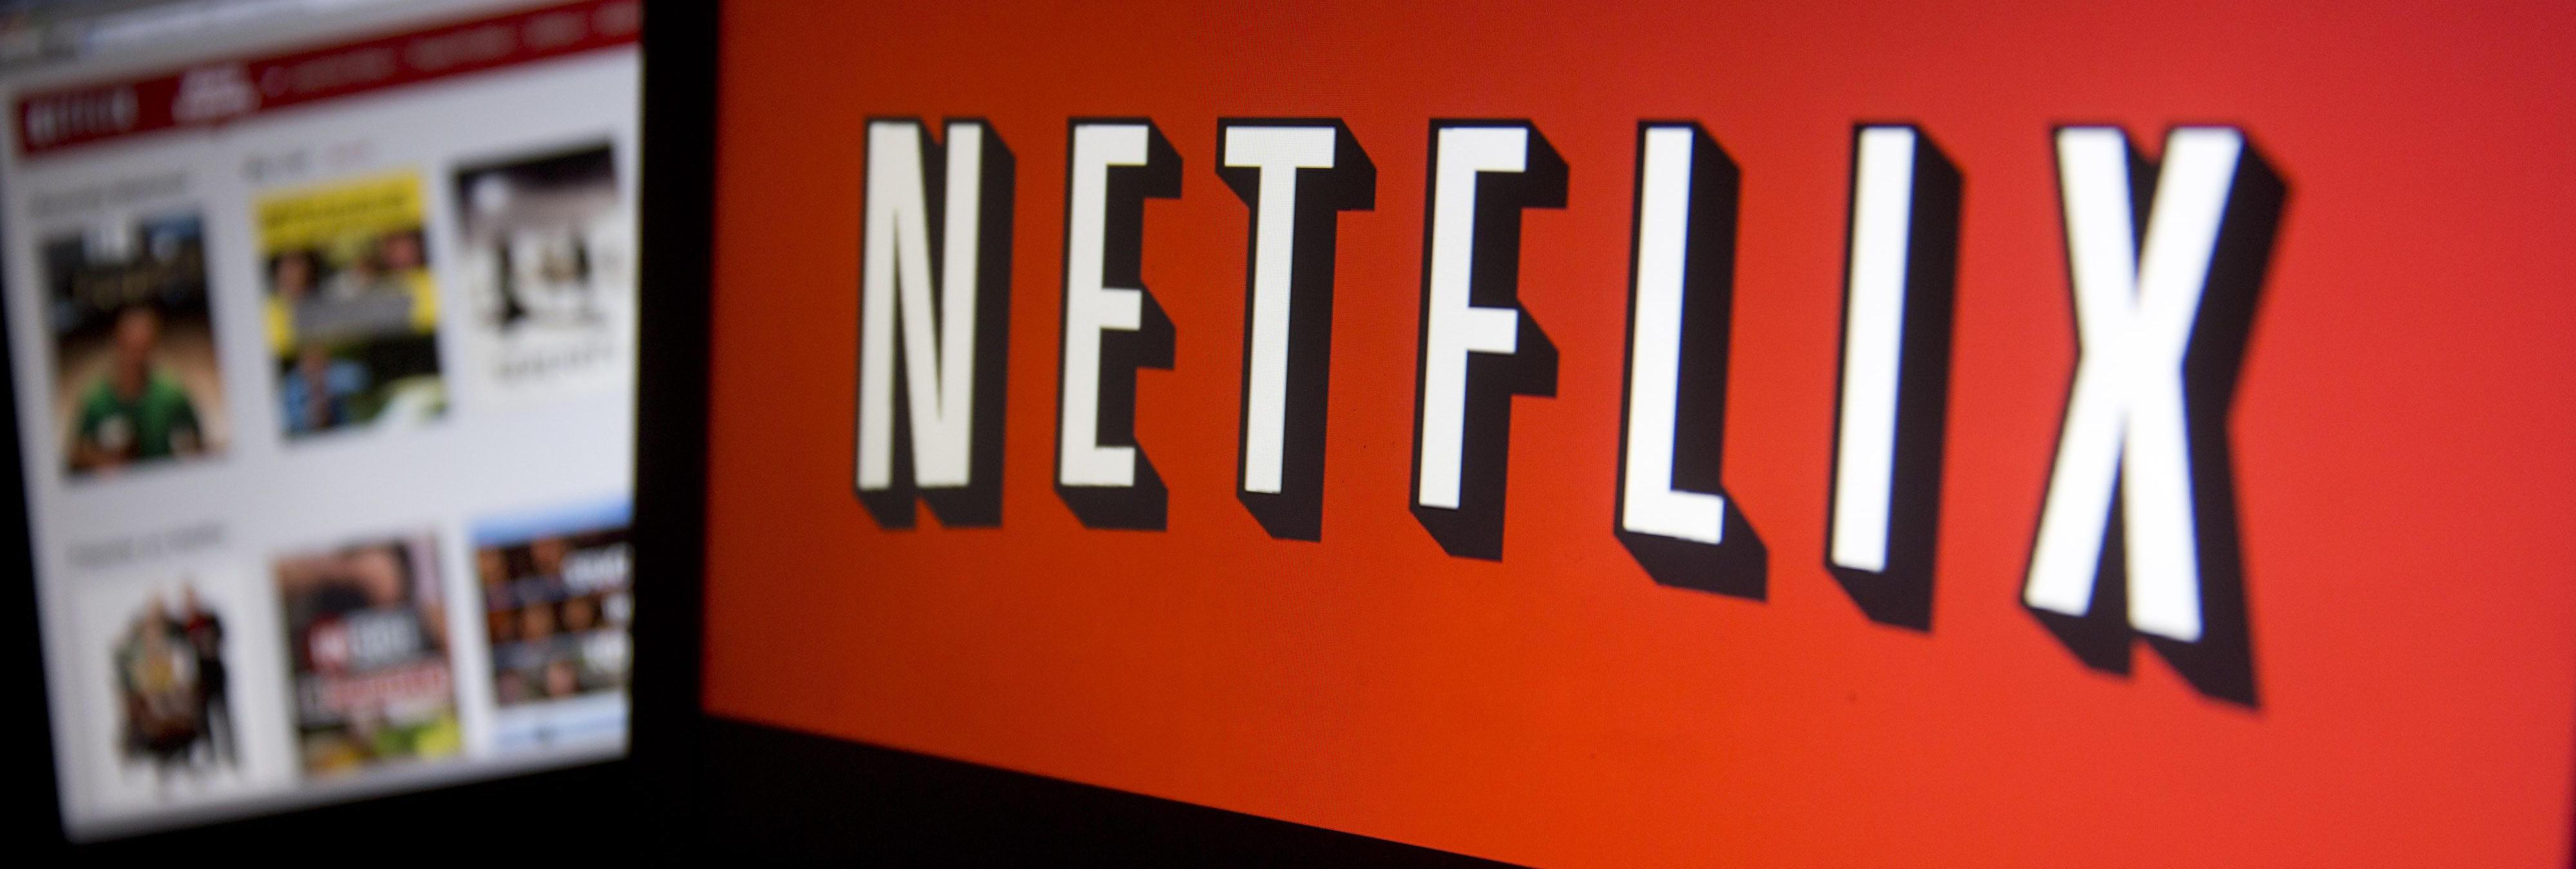 Compartir tu contraseña de Netflix podría suponer un delito